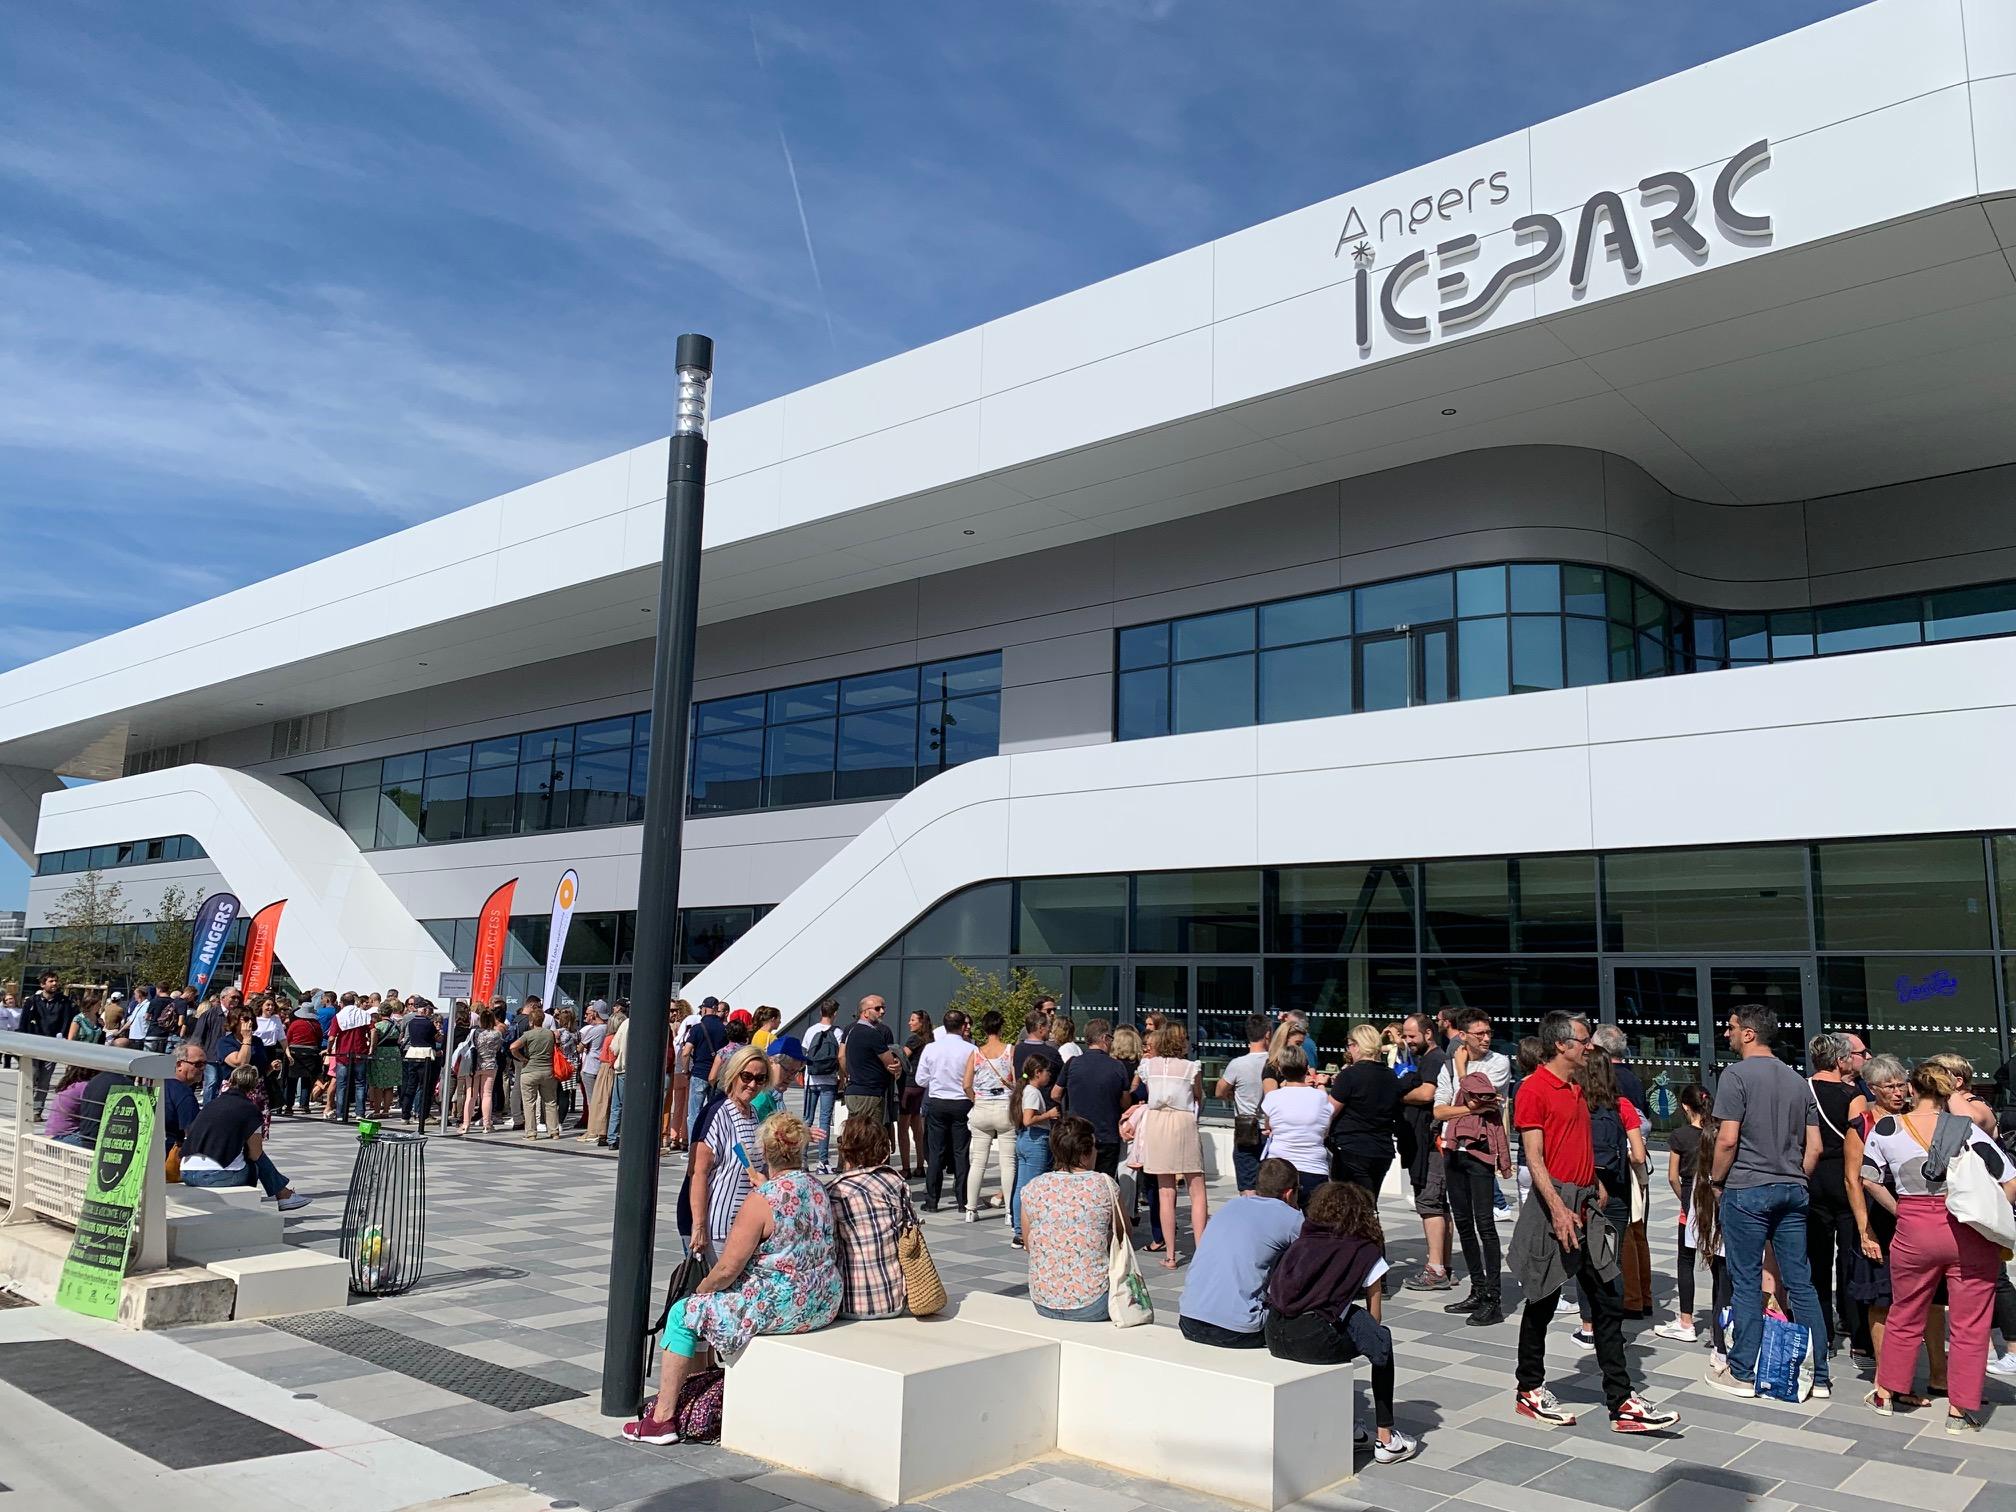 L'ICEPARC d'Angers, un bel outil pour le hockey.